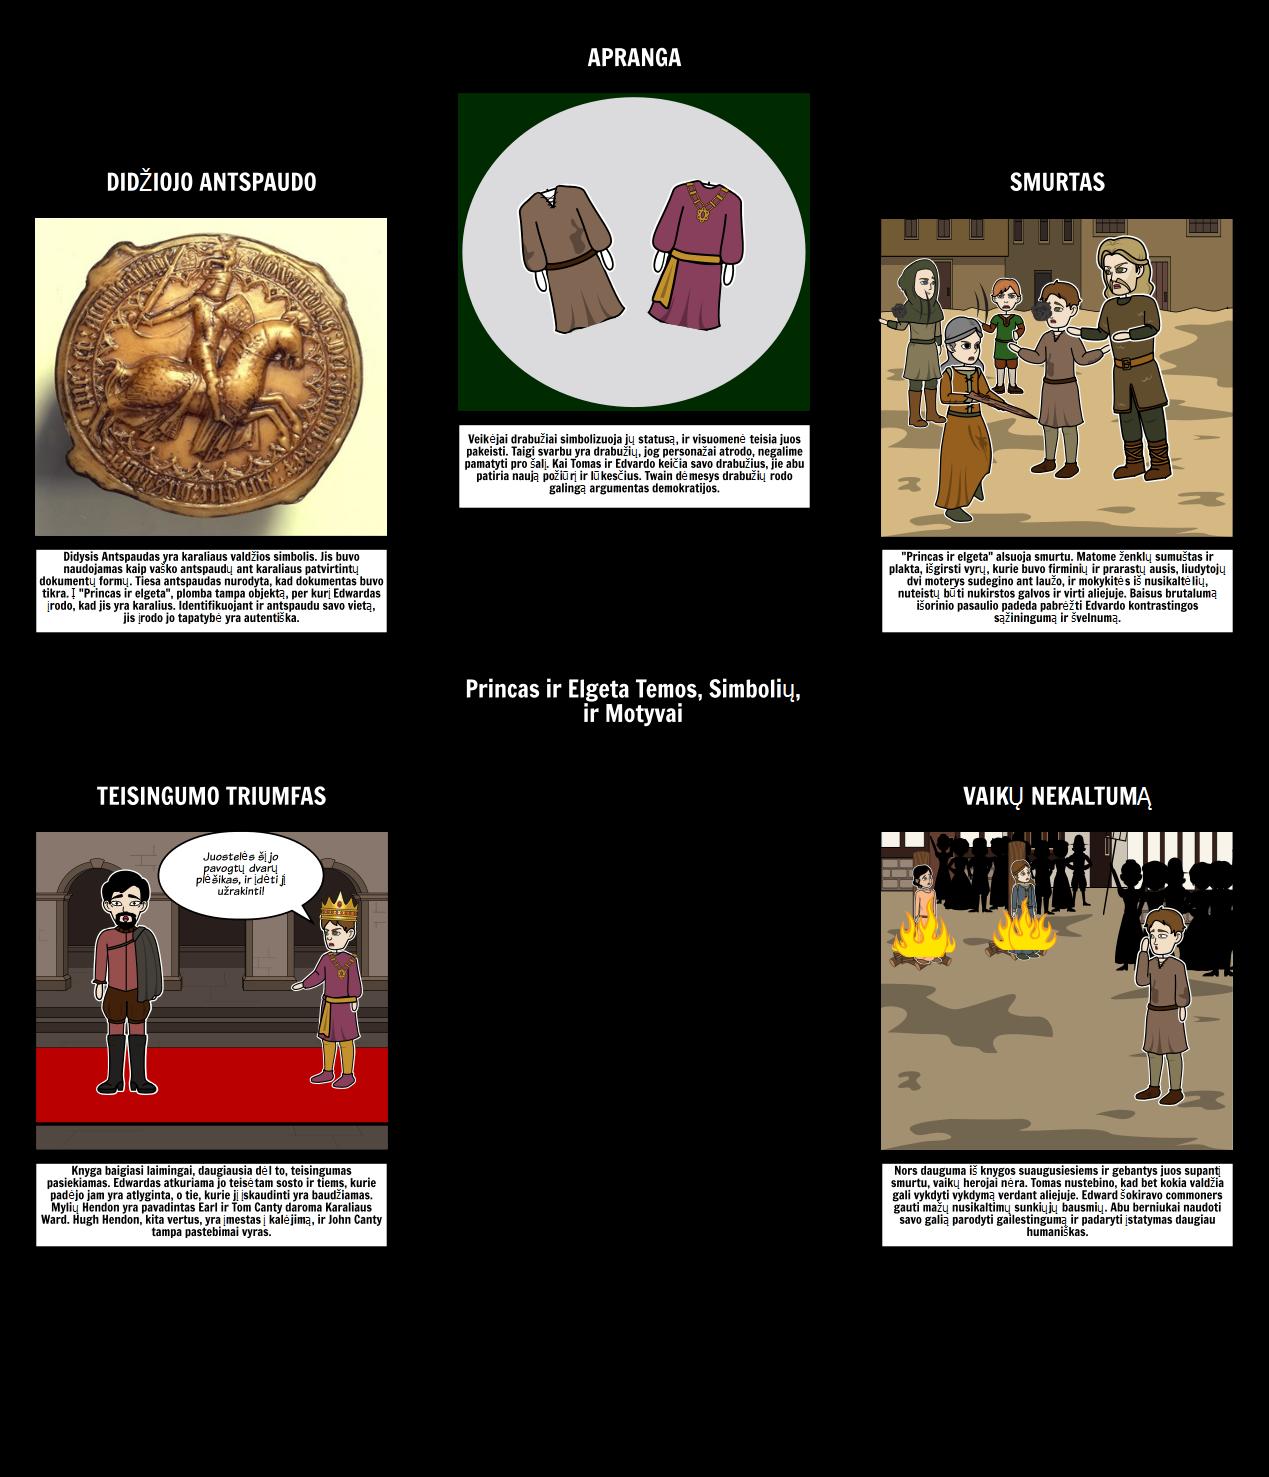 Princas ir Elgeta Temos, Motyvai ir Simboliai